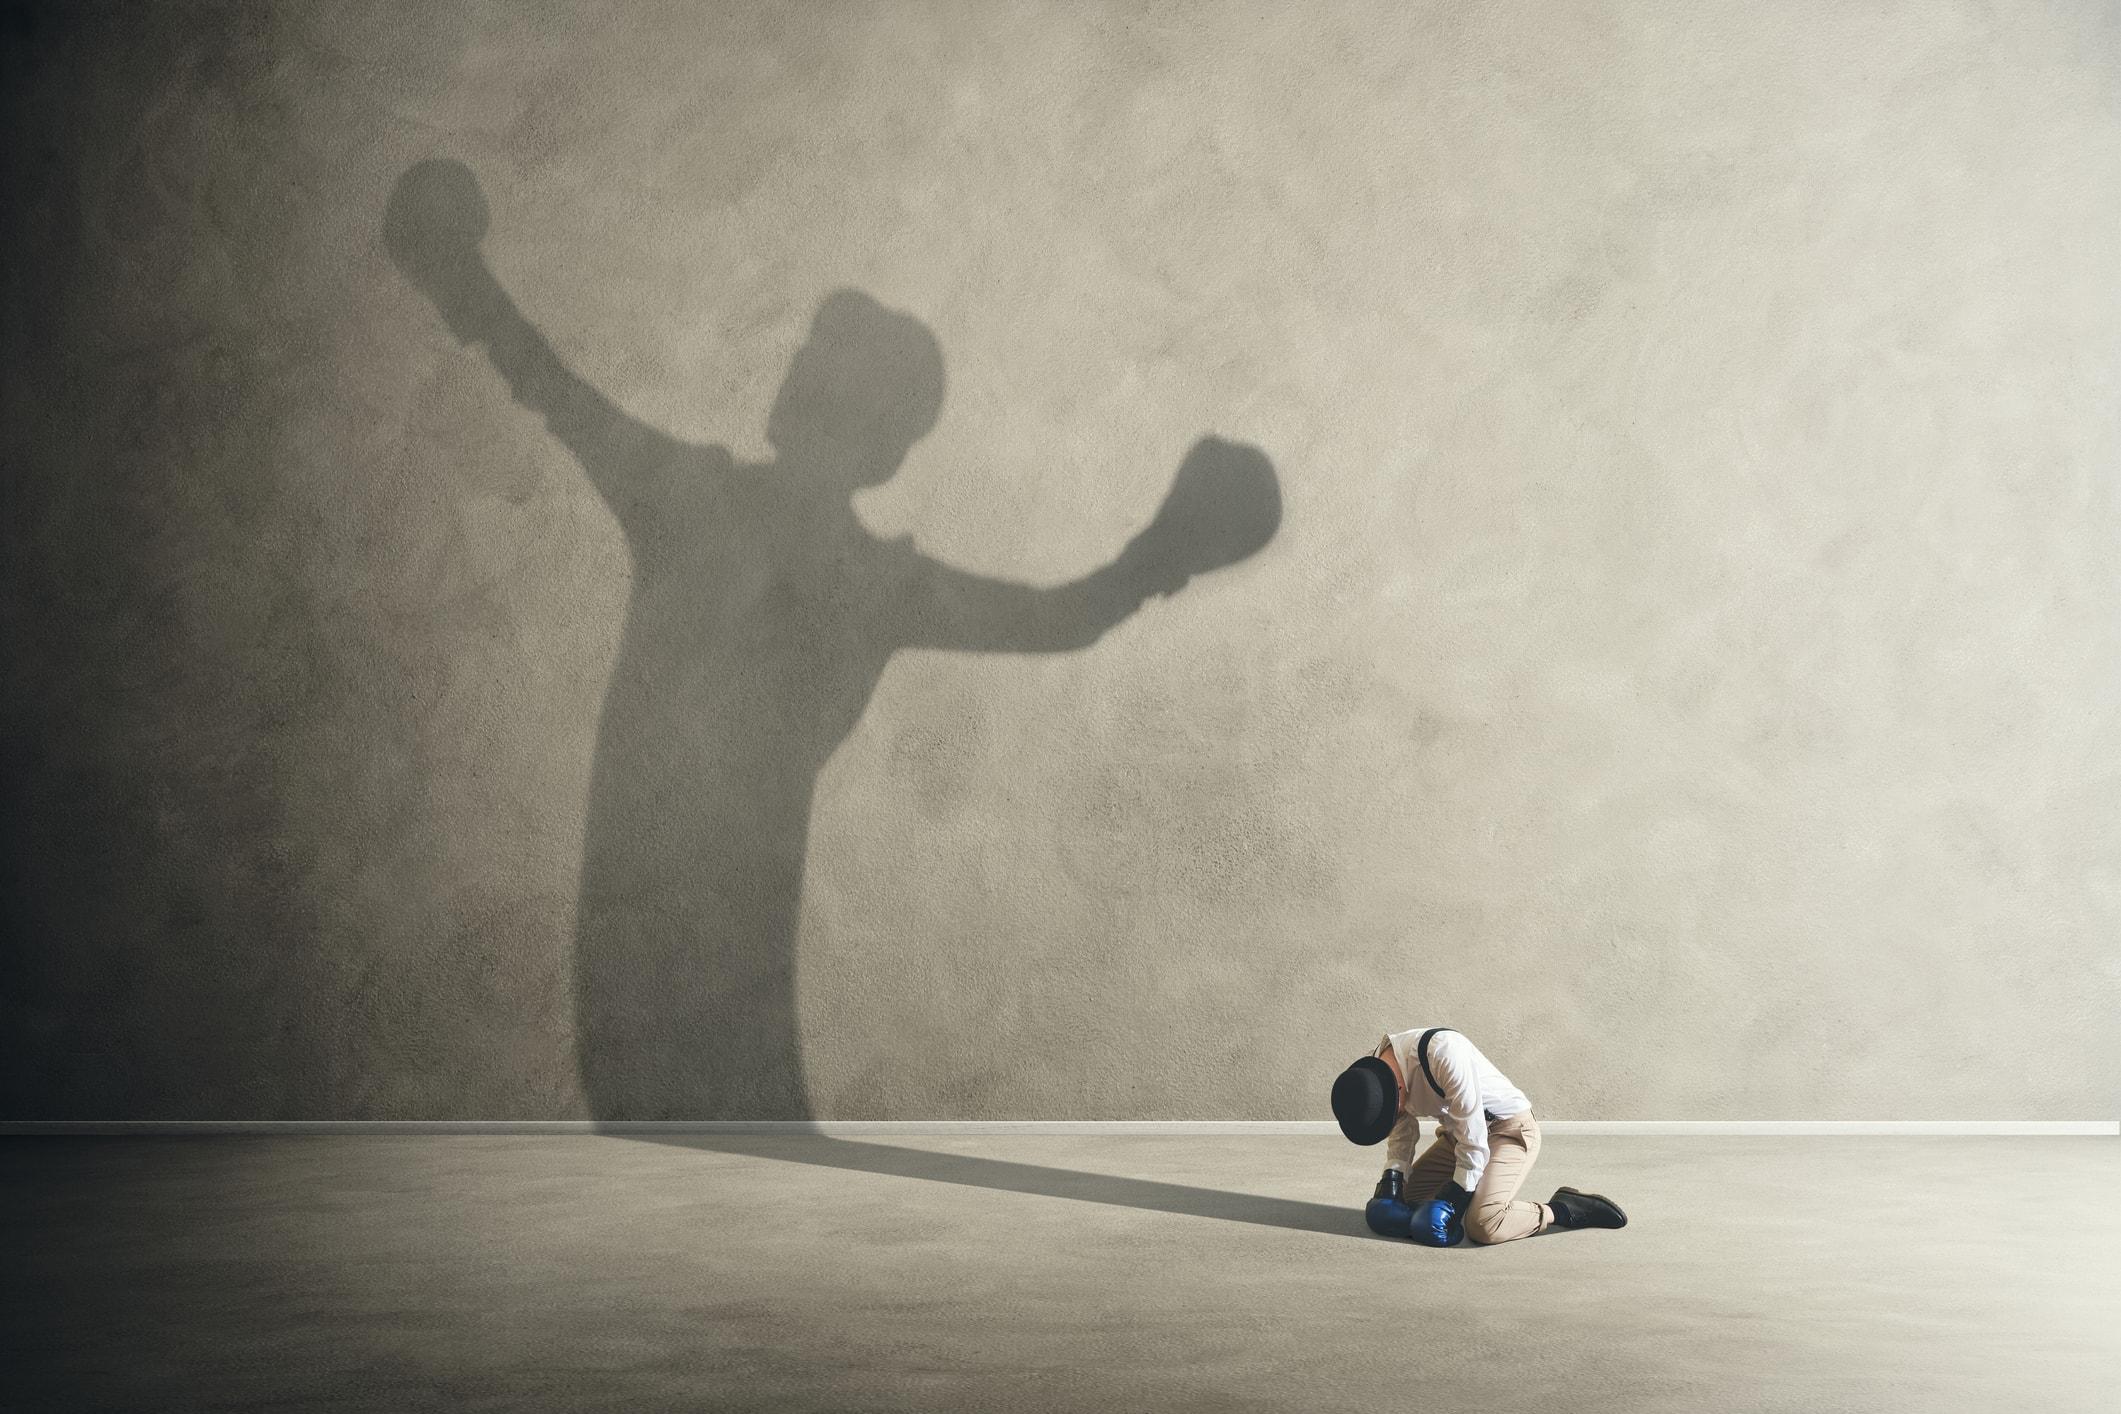 Mensch und sein Schatten